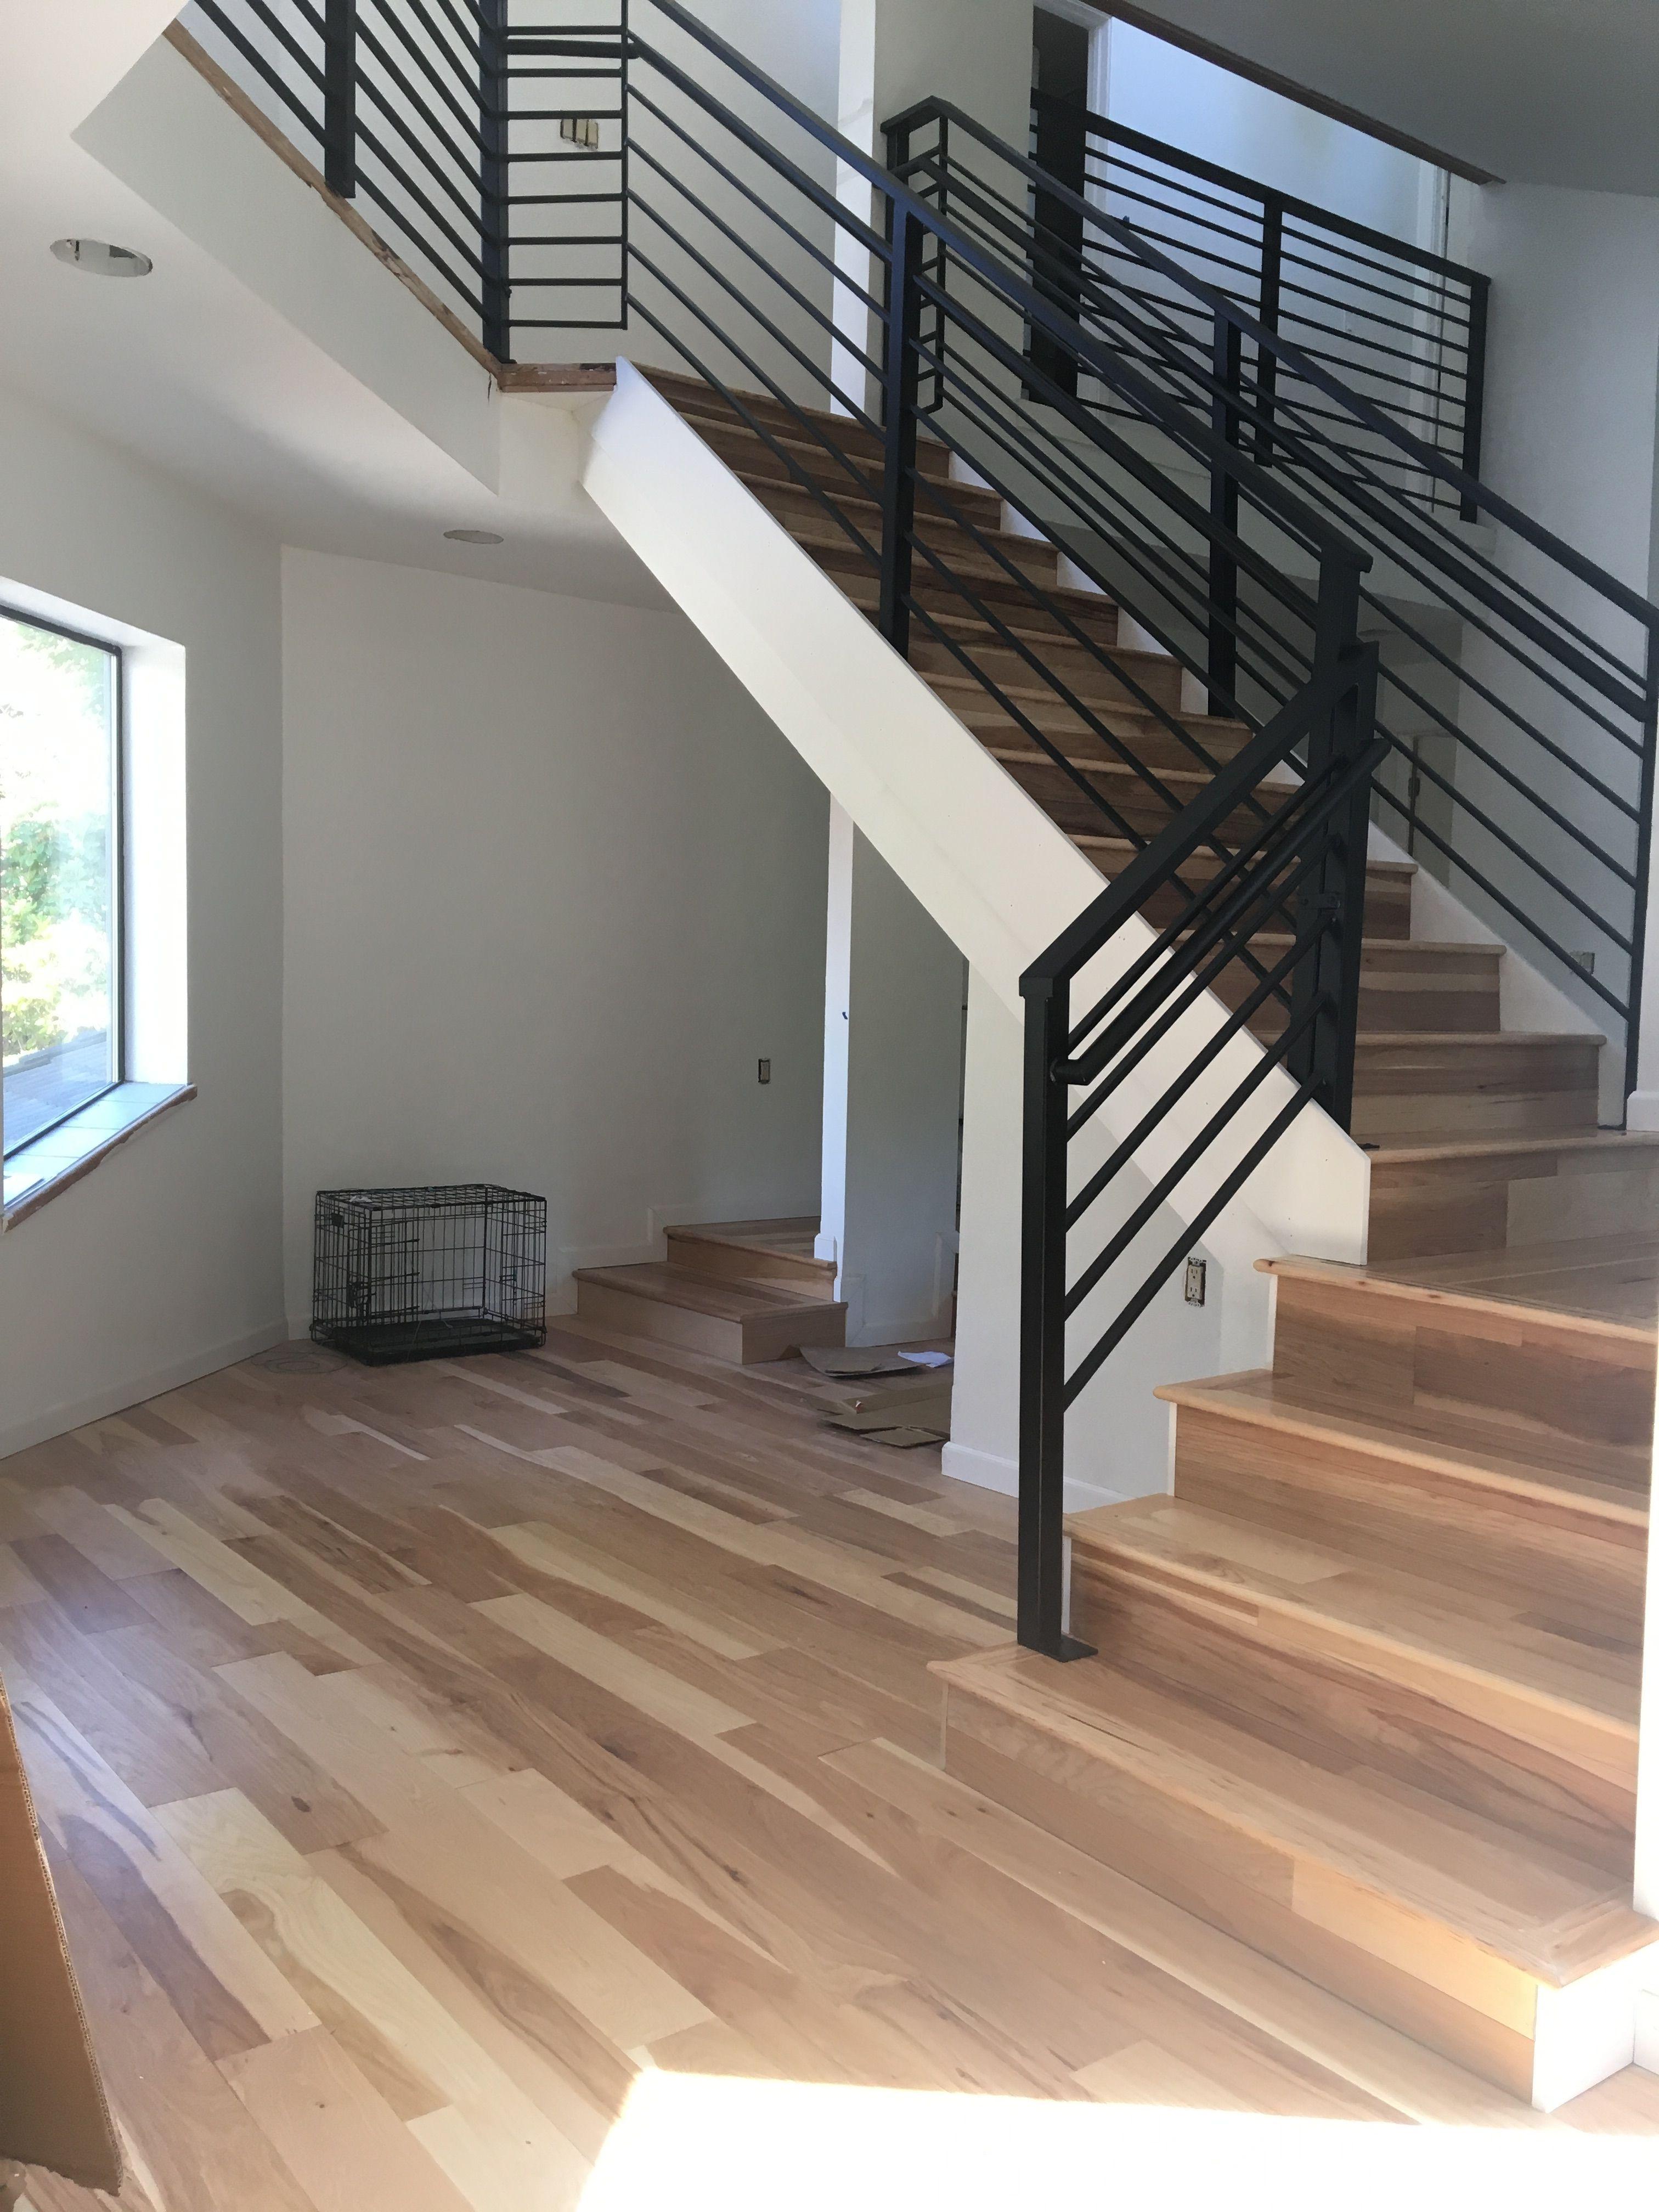 After Living Room Stair Railing Black Horizontal Powder Coated | Black Horizontal Stair Railing | Room | Split Entry | Steel | Modern | Metal